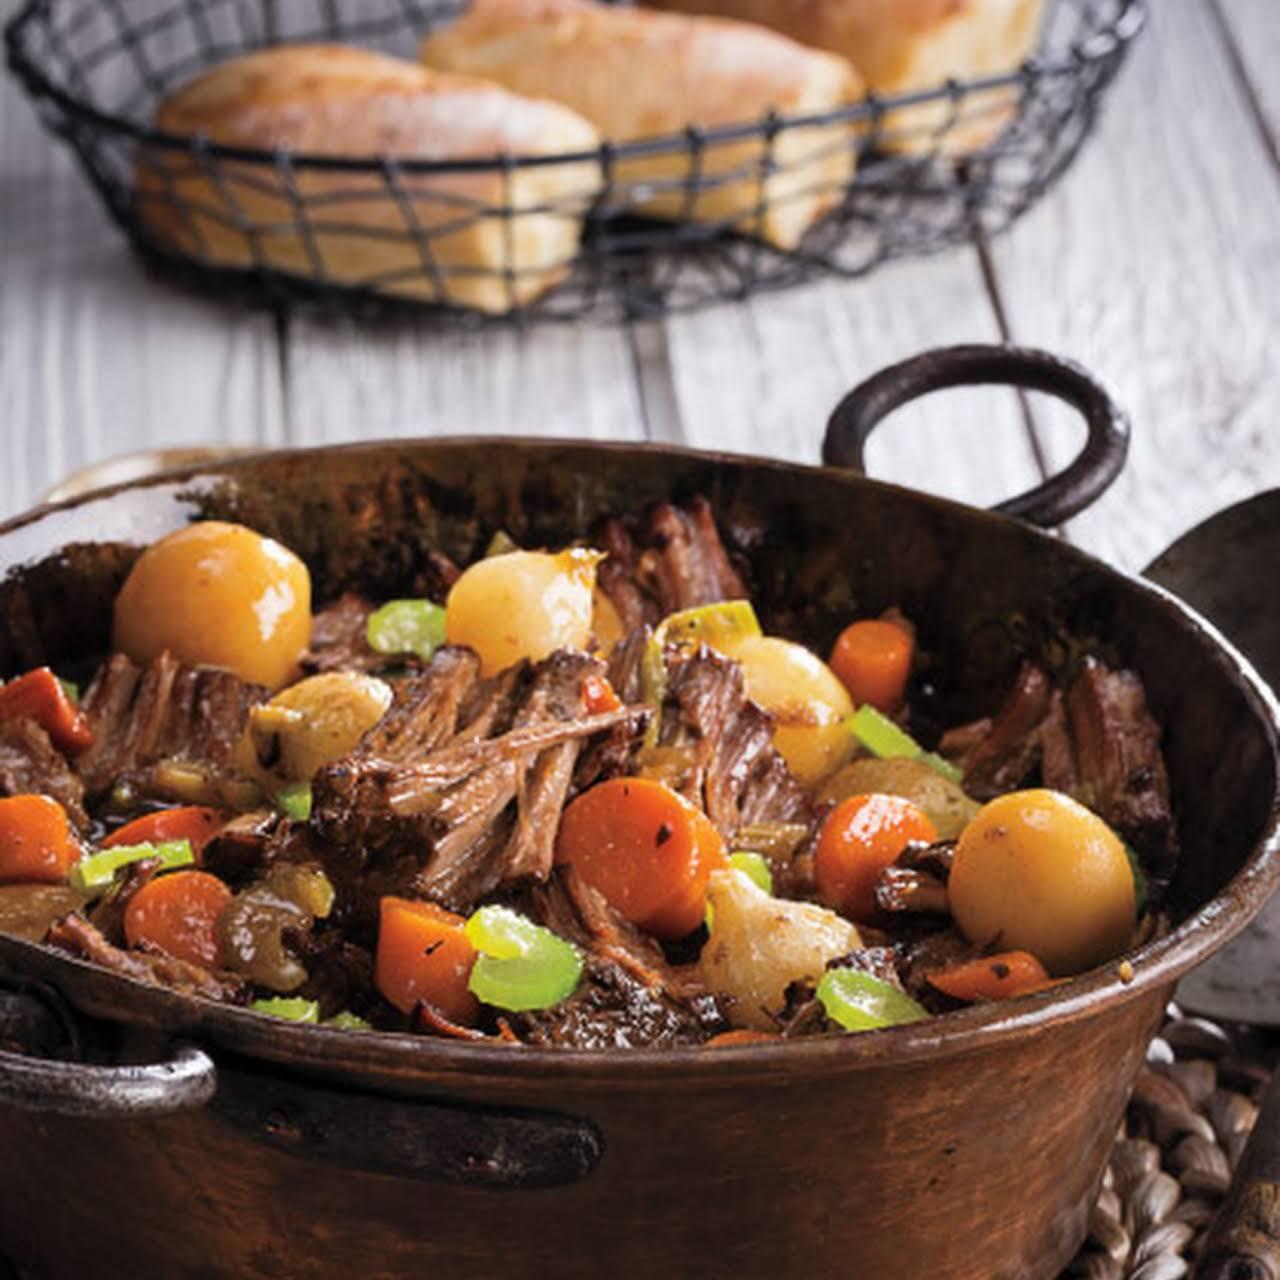 4-Ingredient Slow Cooker Pot Roast